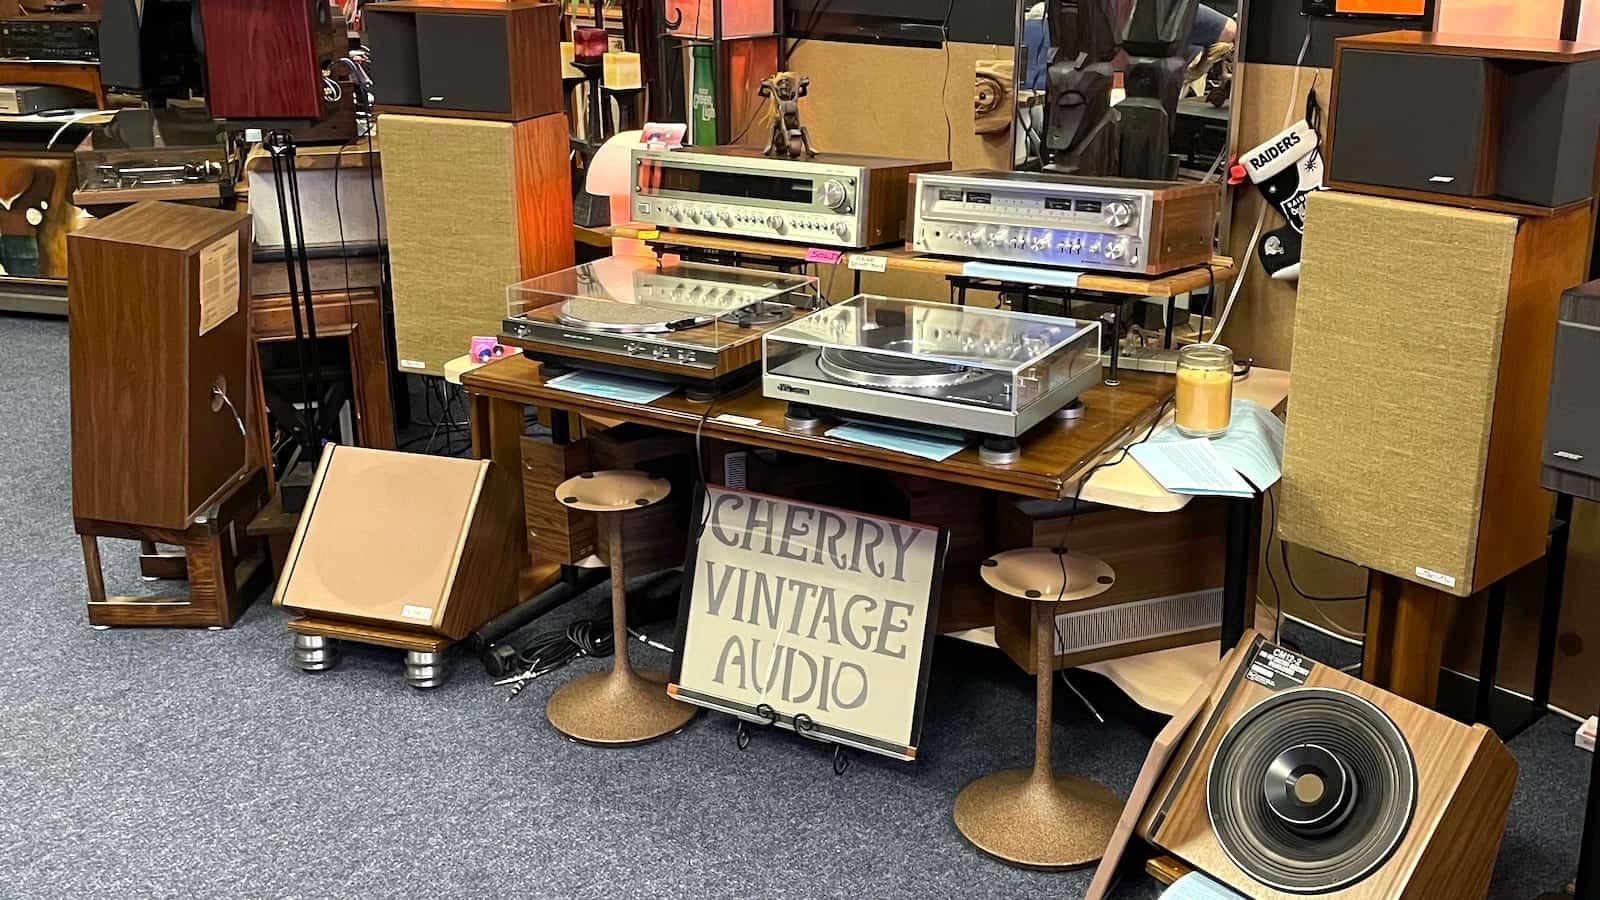 Cherry Vintage Audio